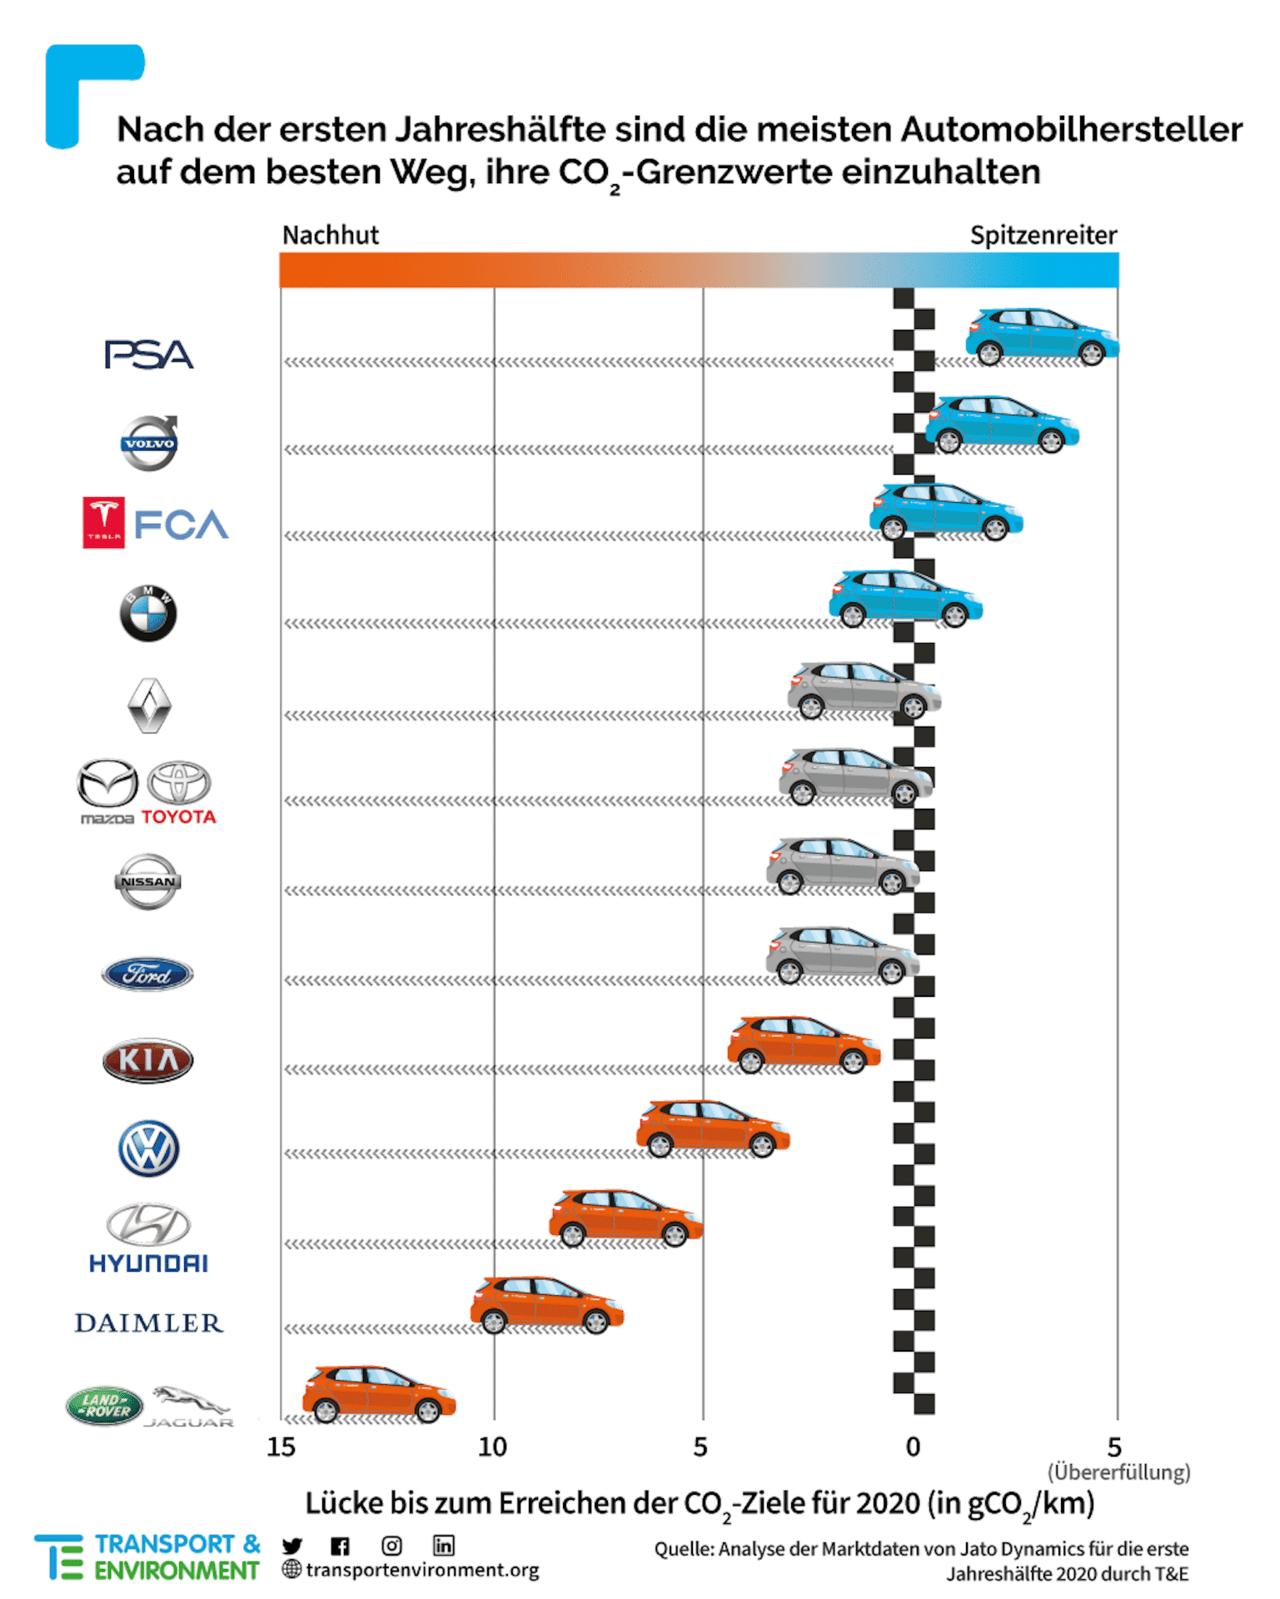 EU-CO2-Grenzwert-Neuwagen